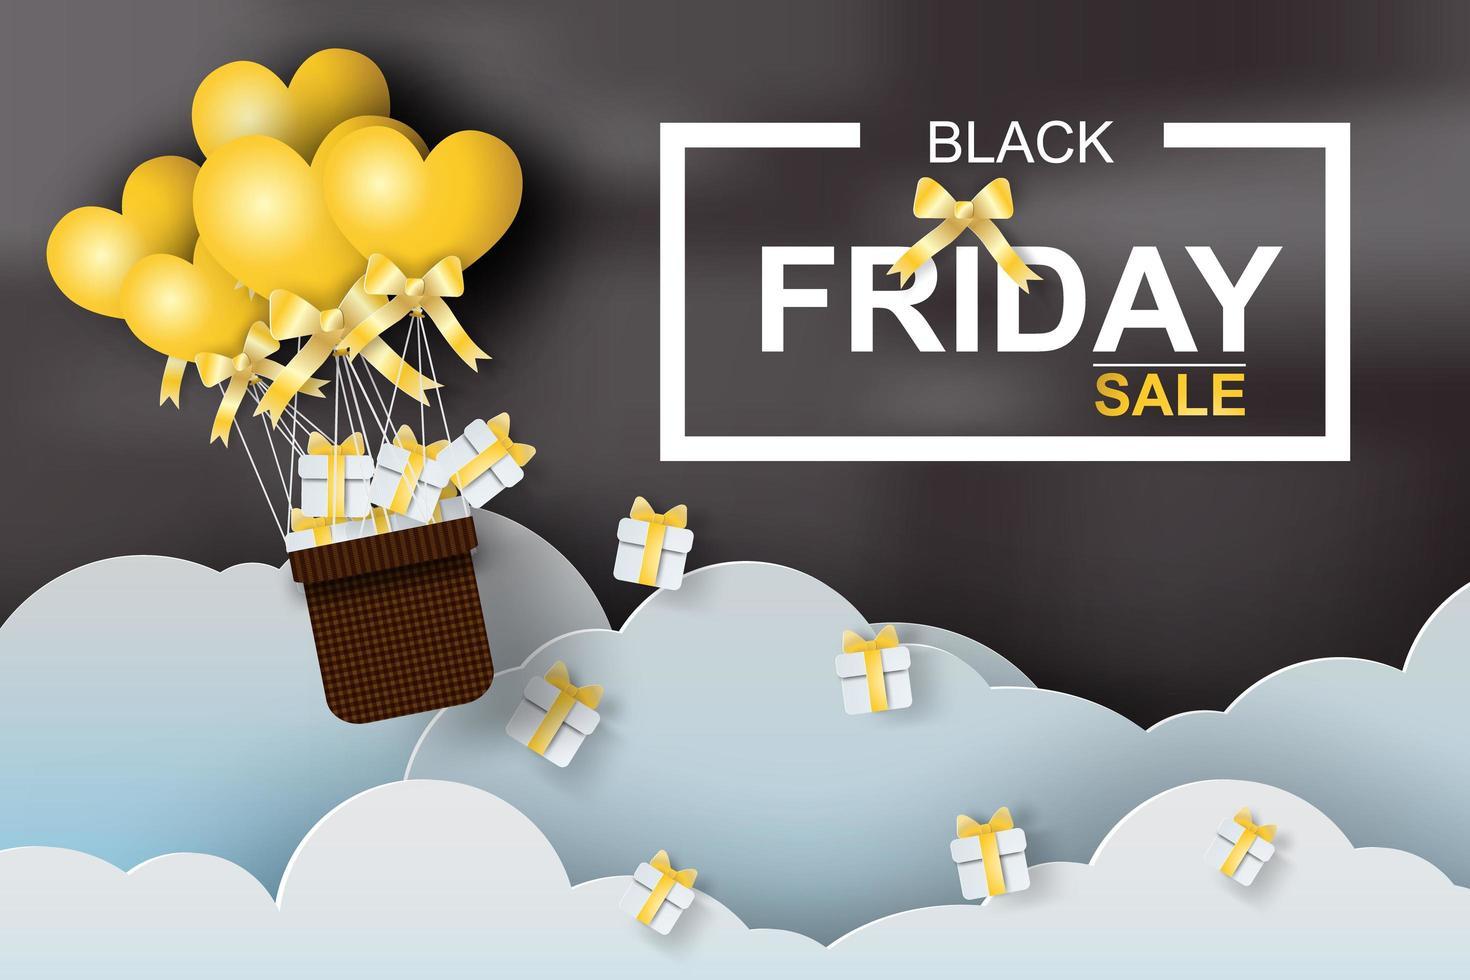 schwarzer Freitag Verkauf Papier Kunst Design vektor